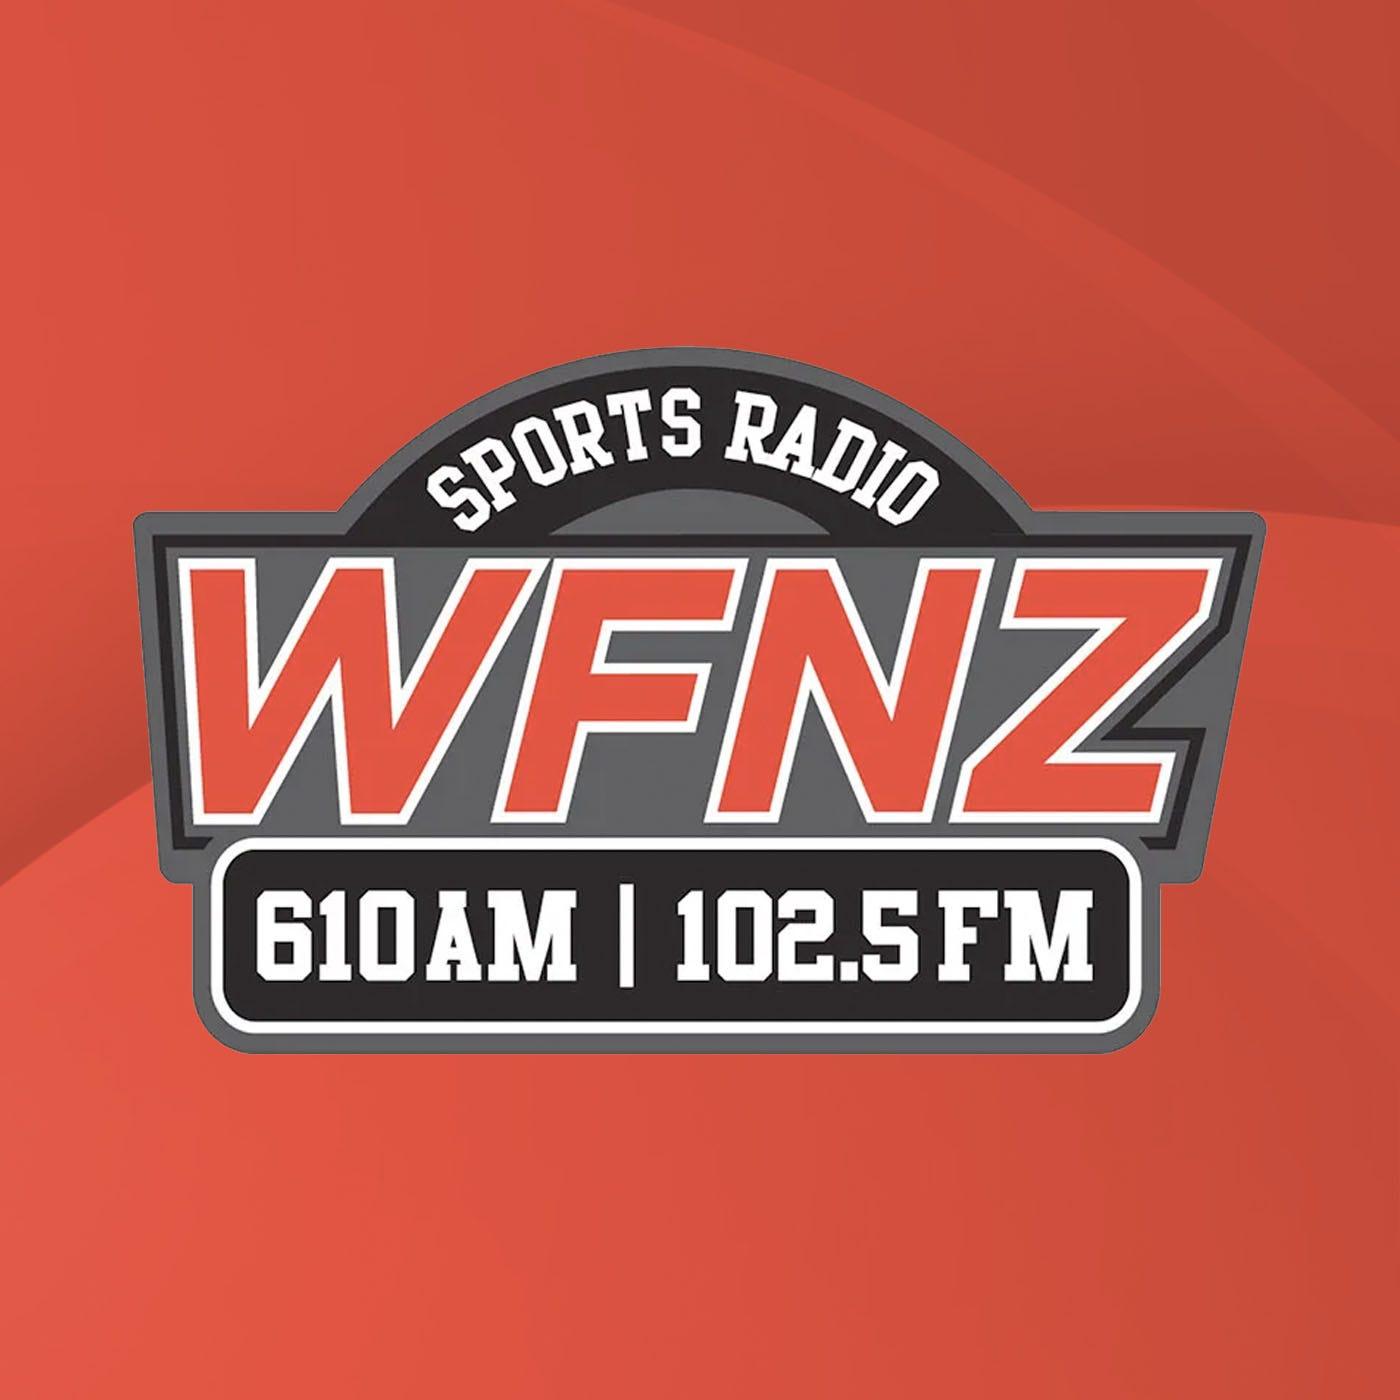 Sports Radio WFNZ